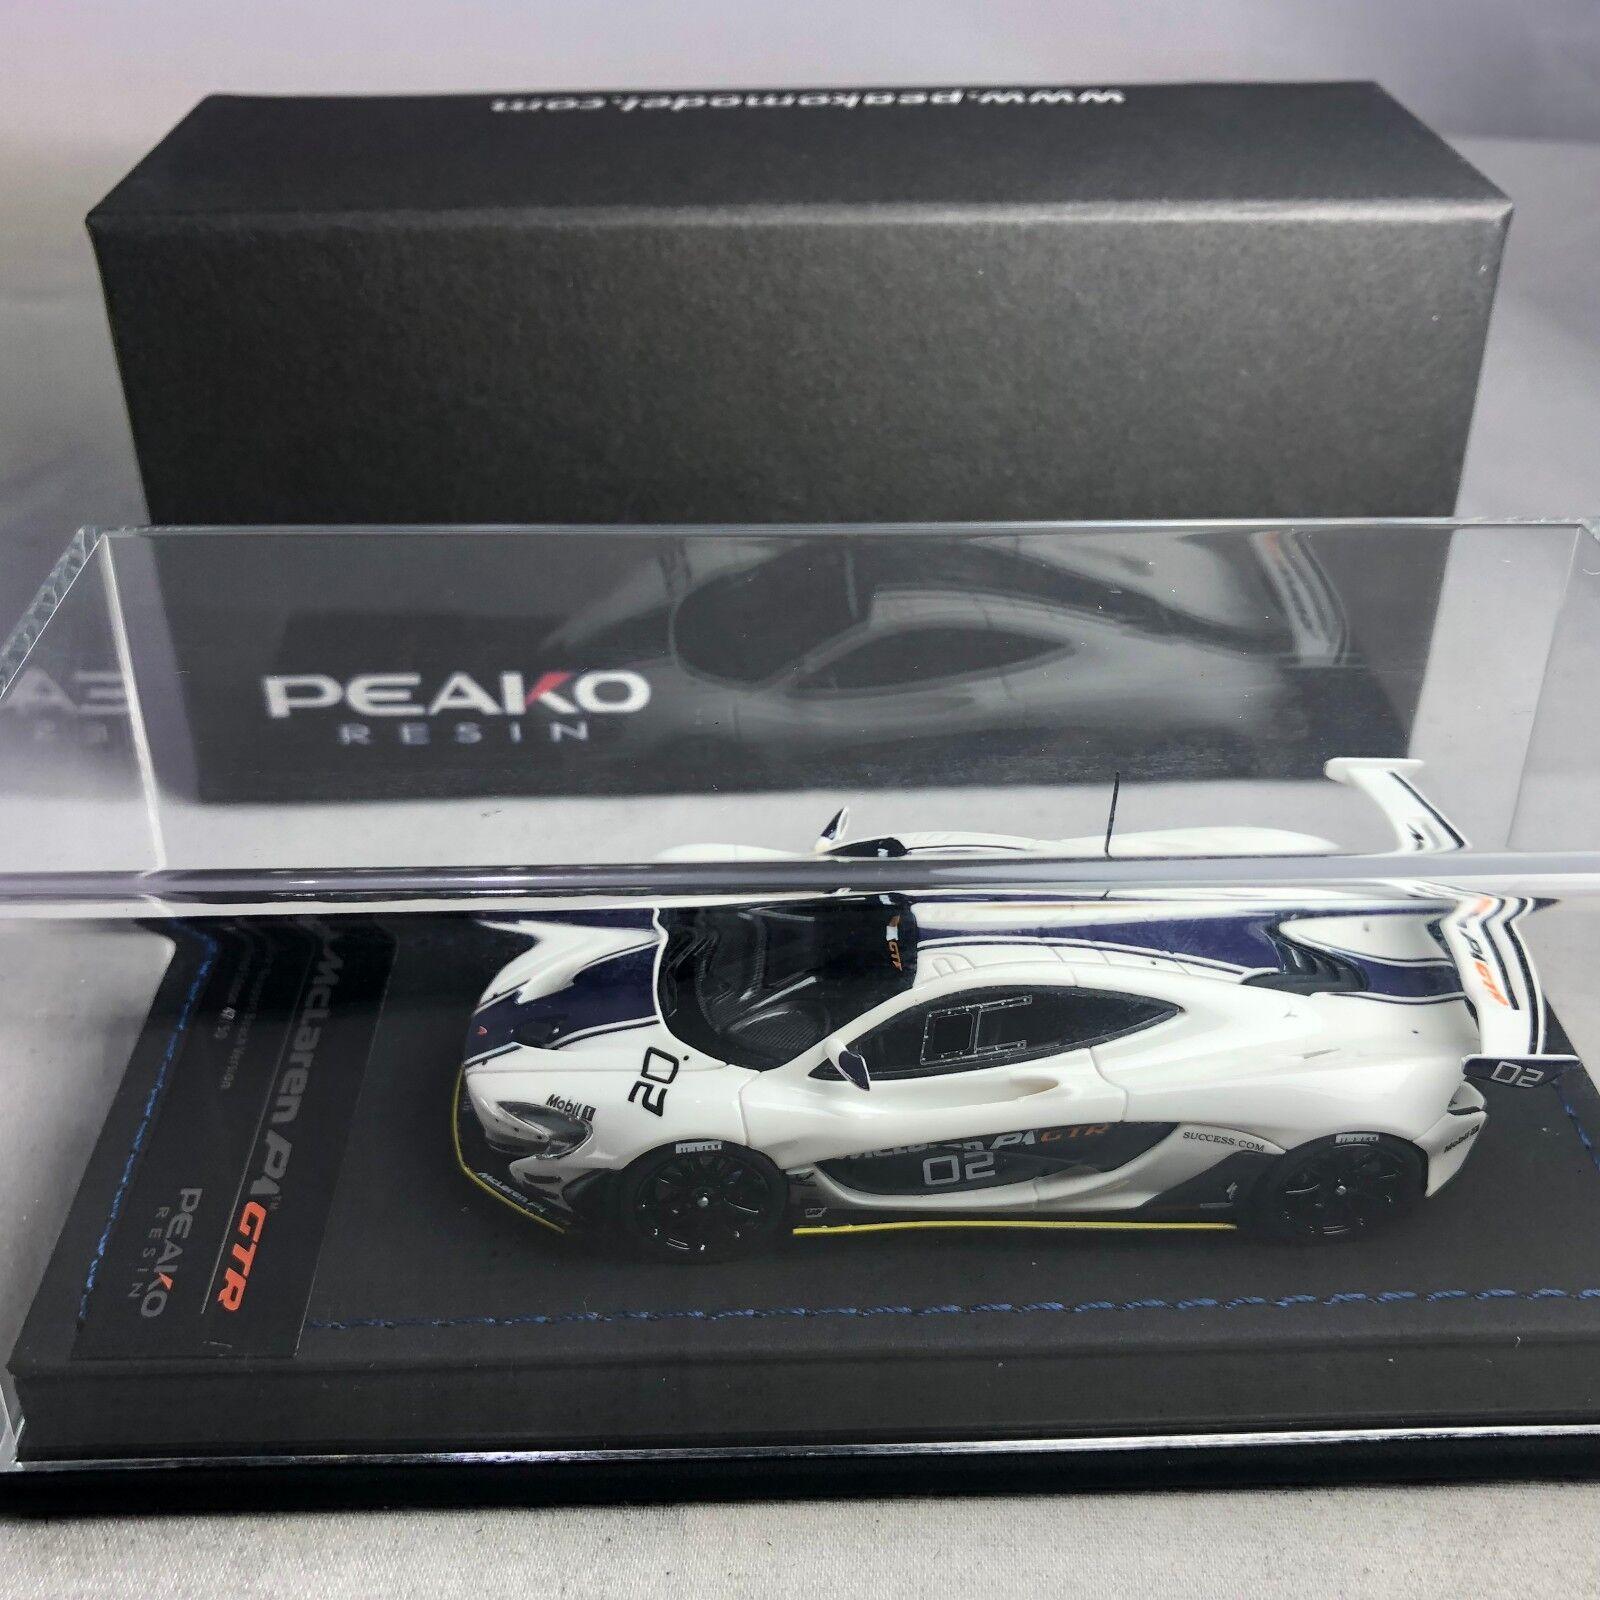 1/43 Escala Modelo Peako McLaren P1 GTR Newport Beach Blanco